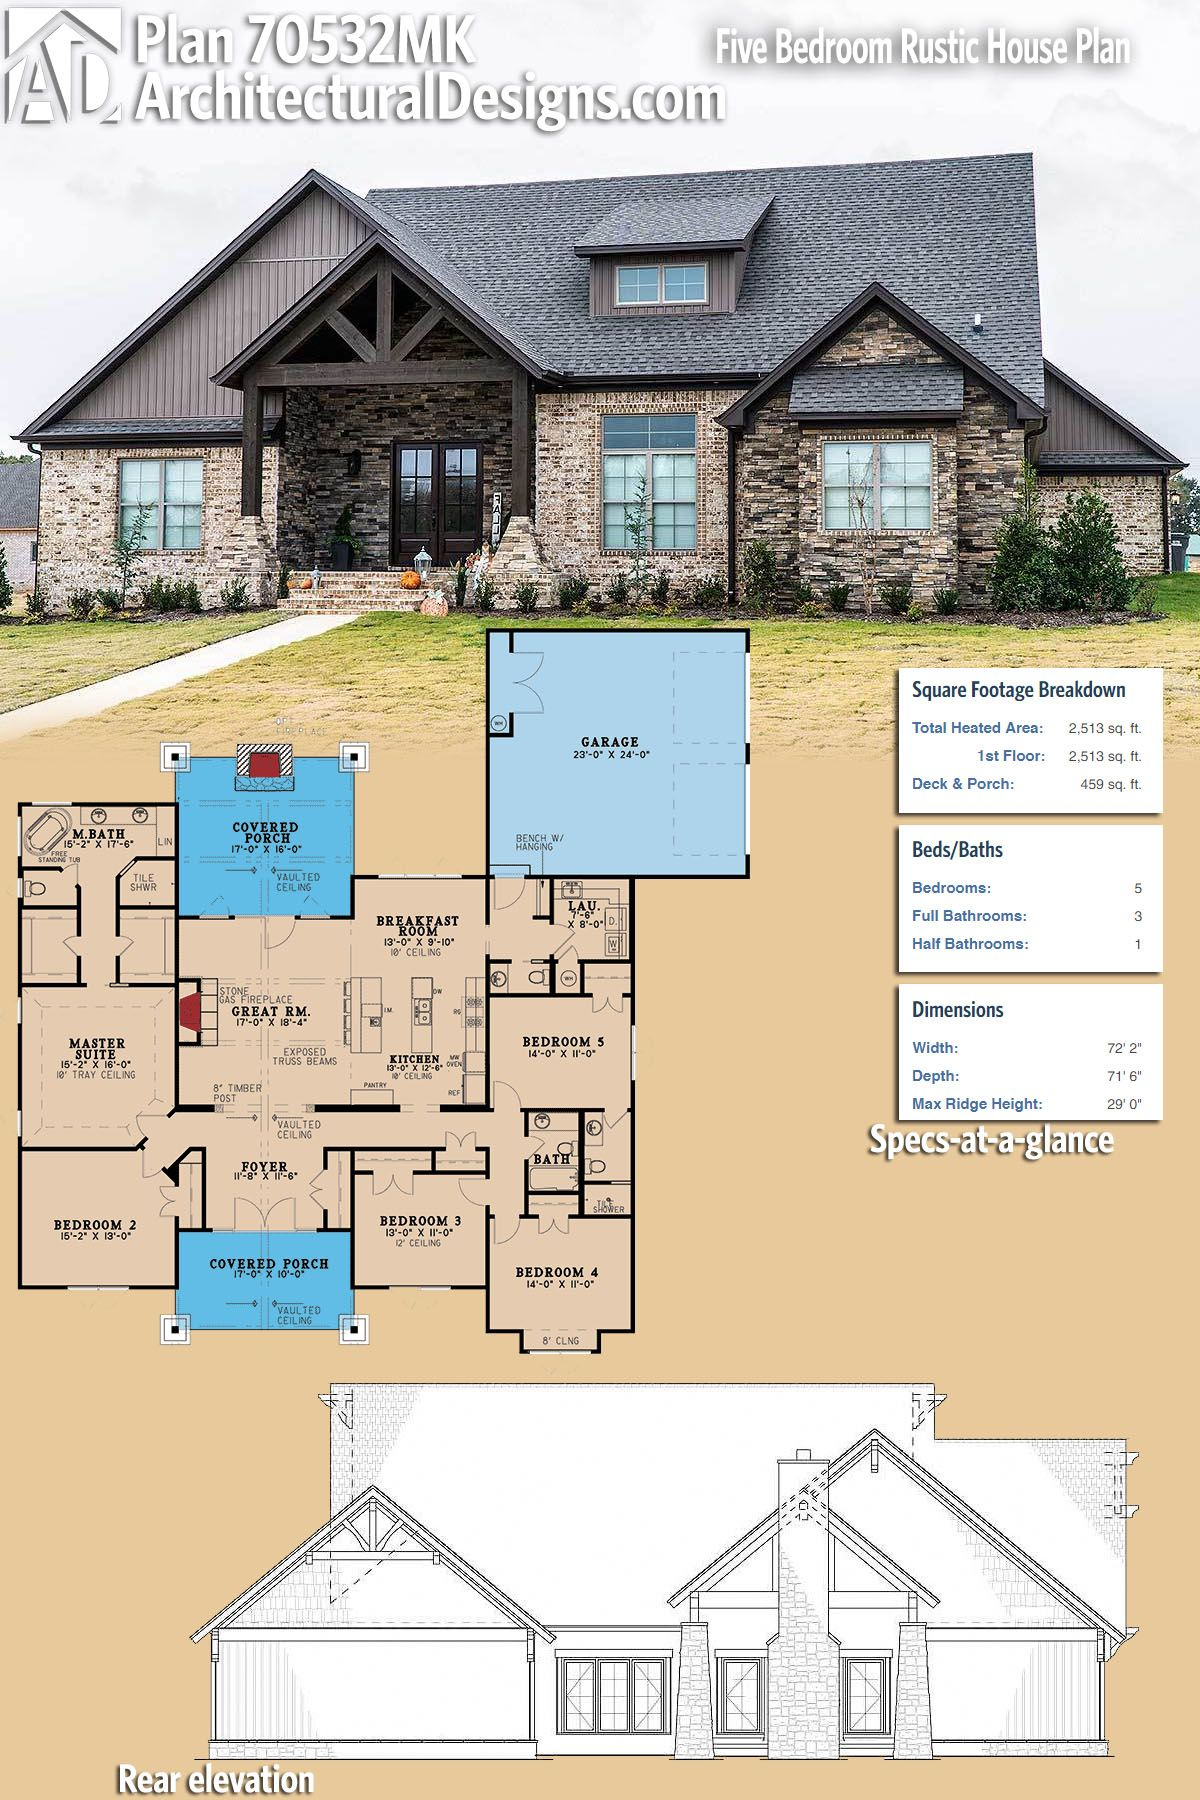 Plan 70532mk Five Bedroom Rustic House Plan Architectural Design House Plans Rustic House Plans Architecture House